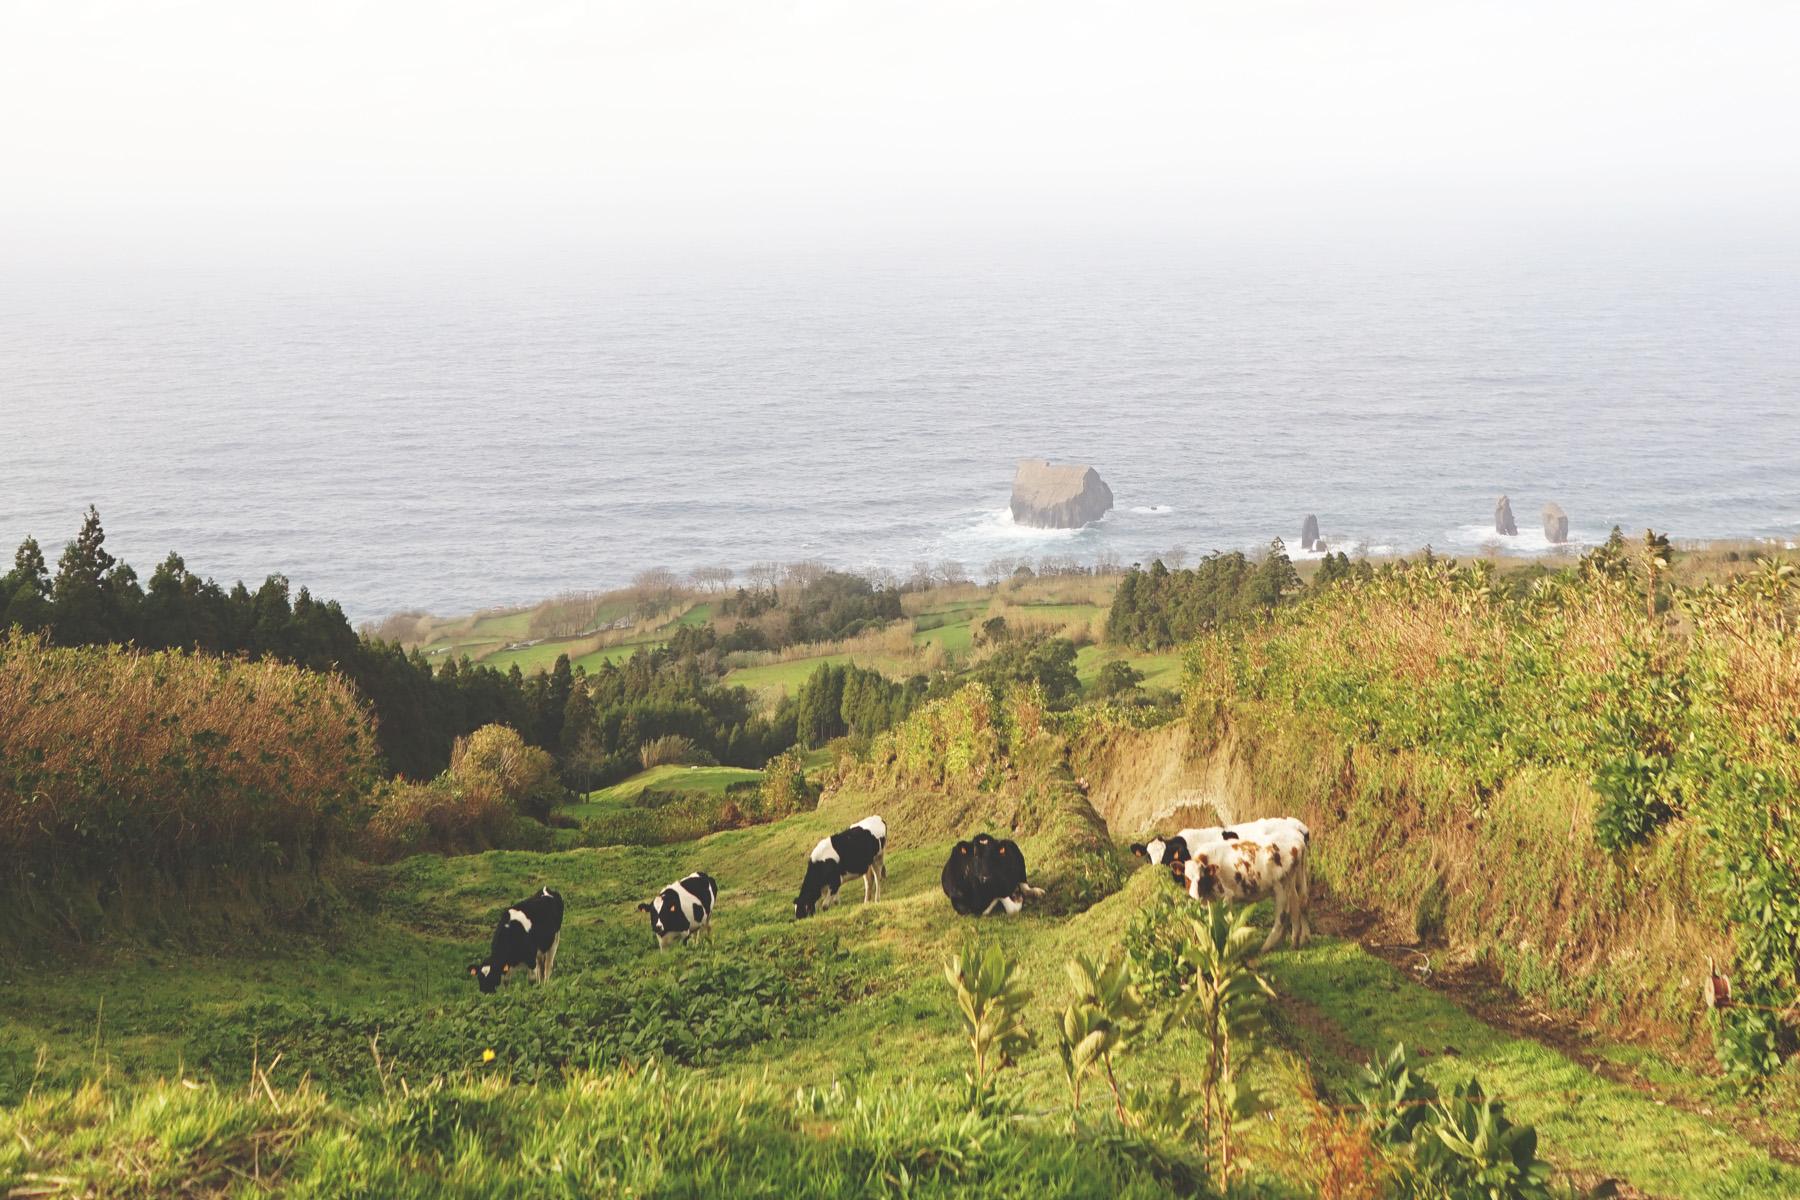 Miradouro-Ponta-Escalvado-001.jpg